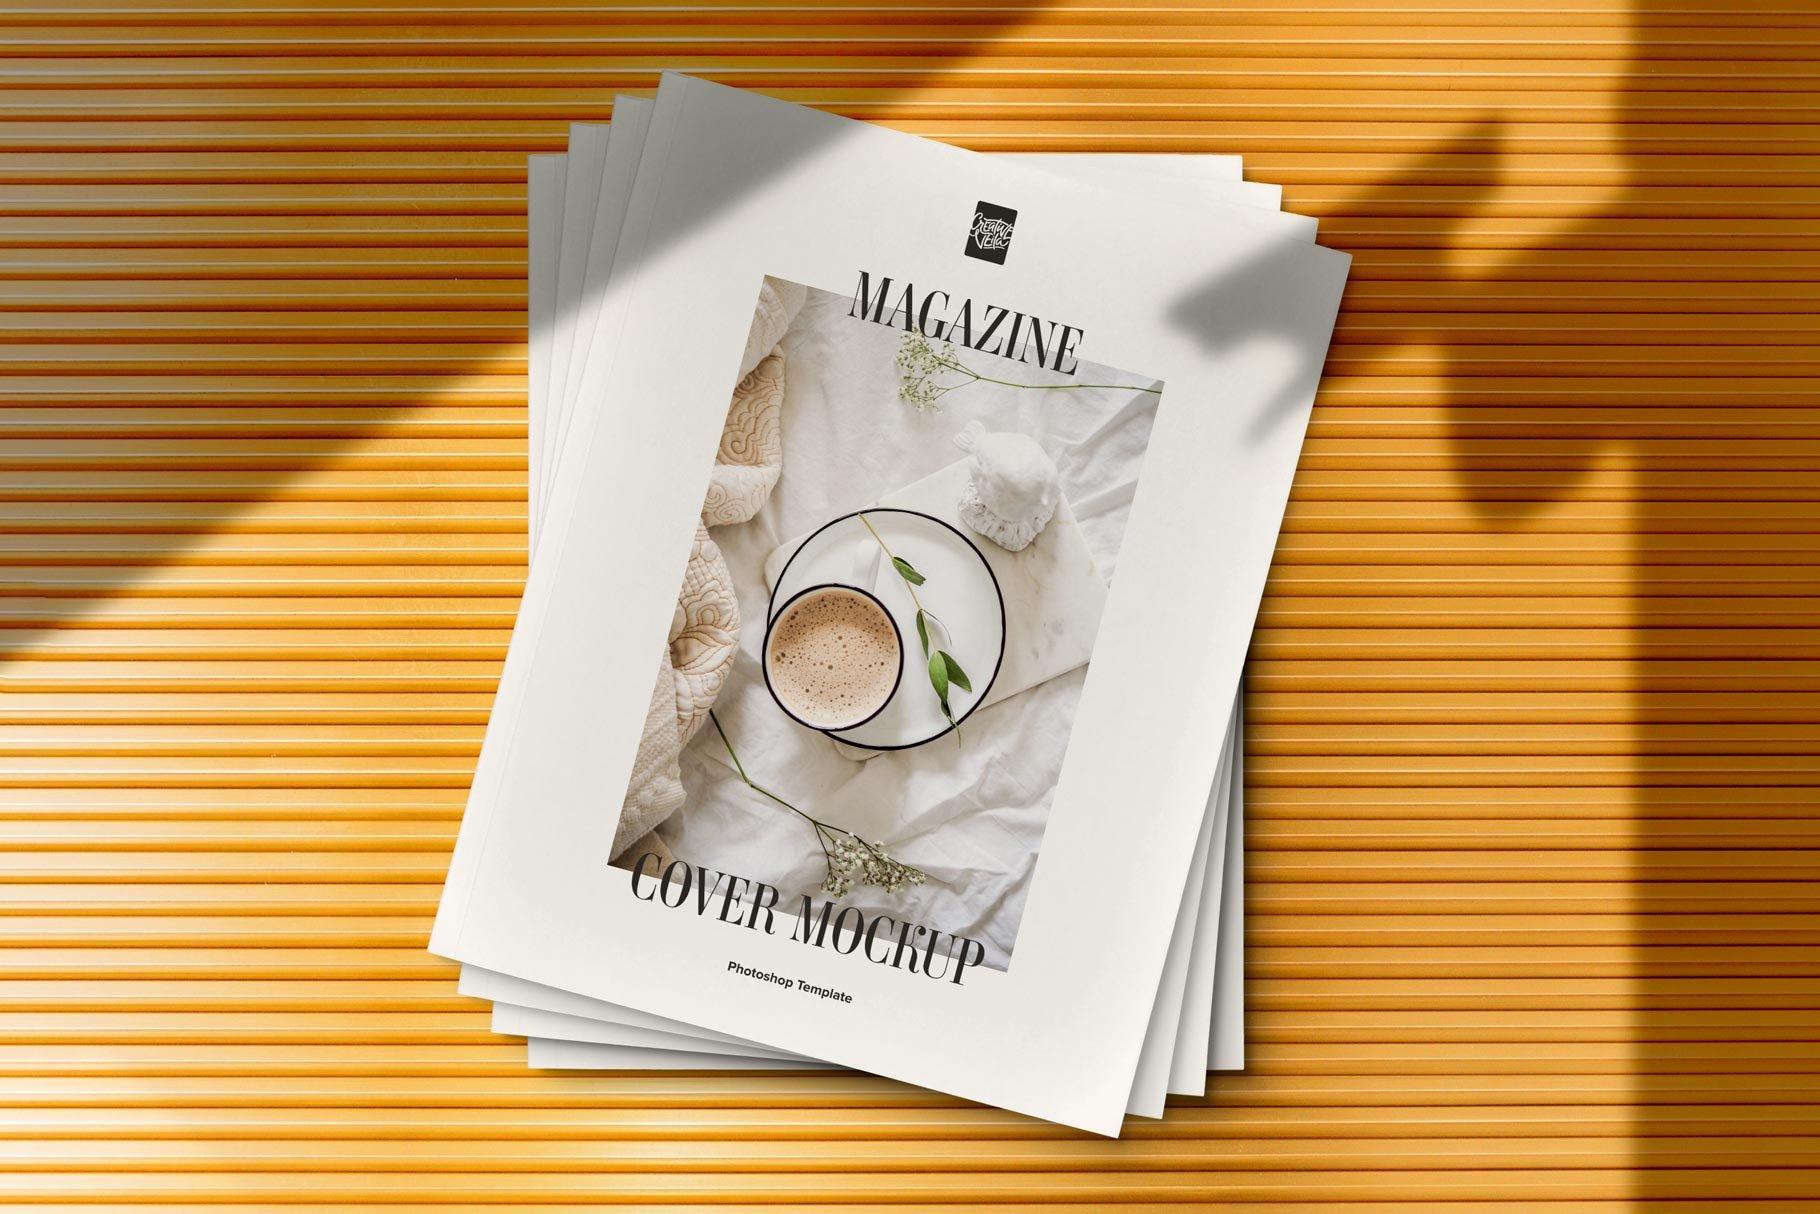 精美杂志画册设计展示样机模板 Magazine Cover Mockup Set插图(1)